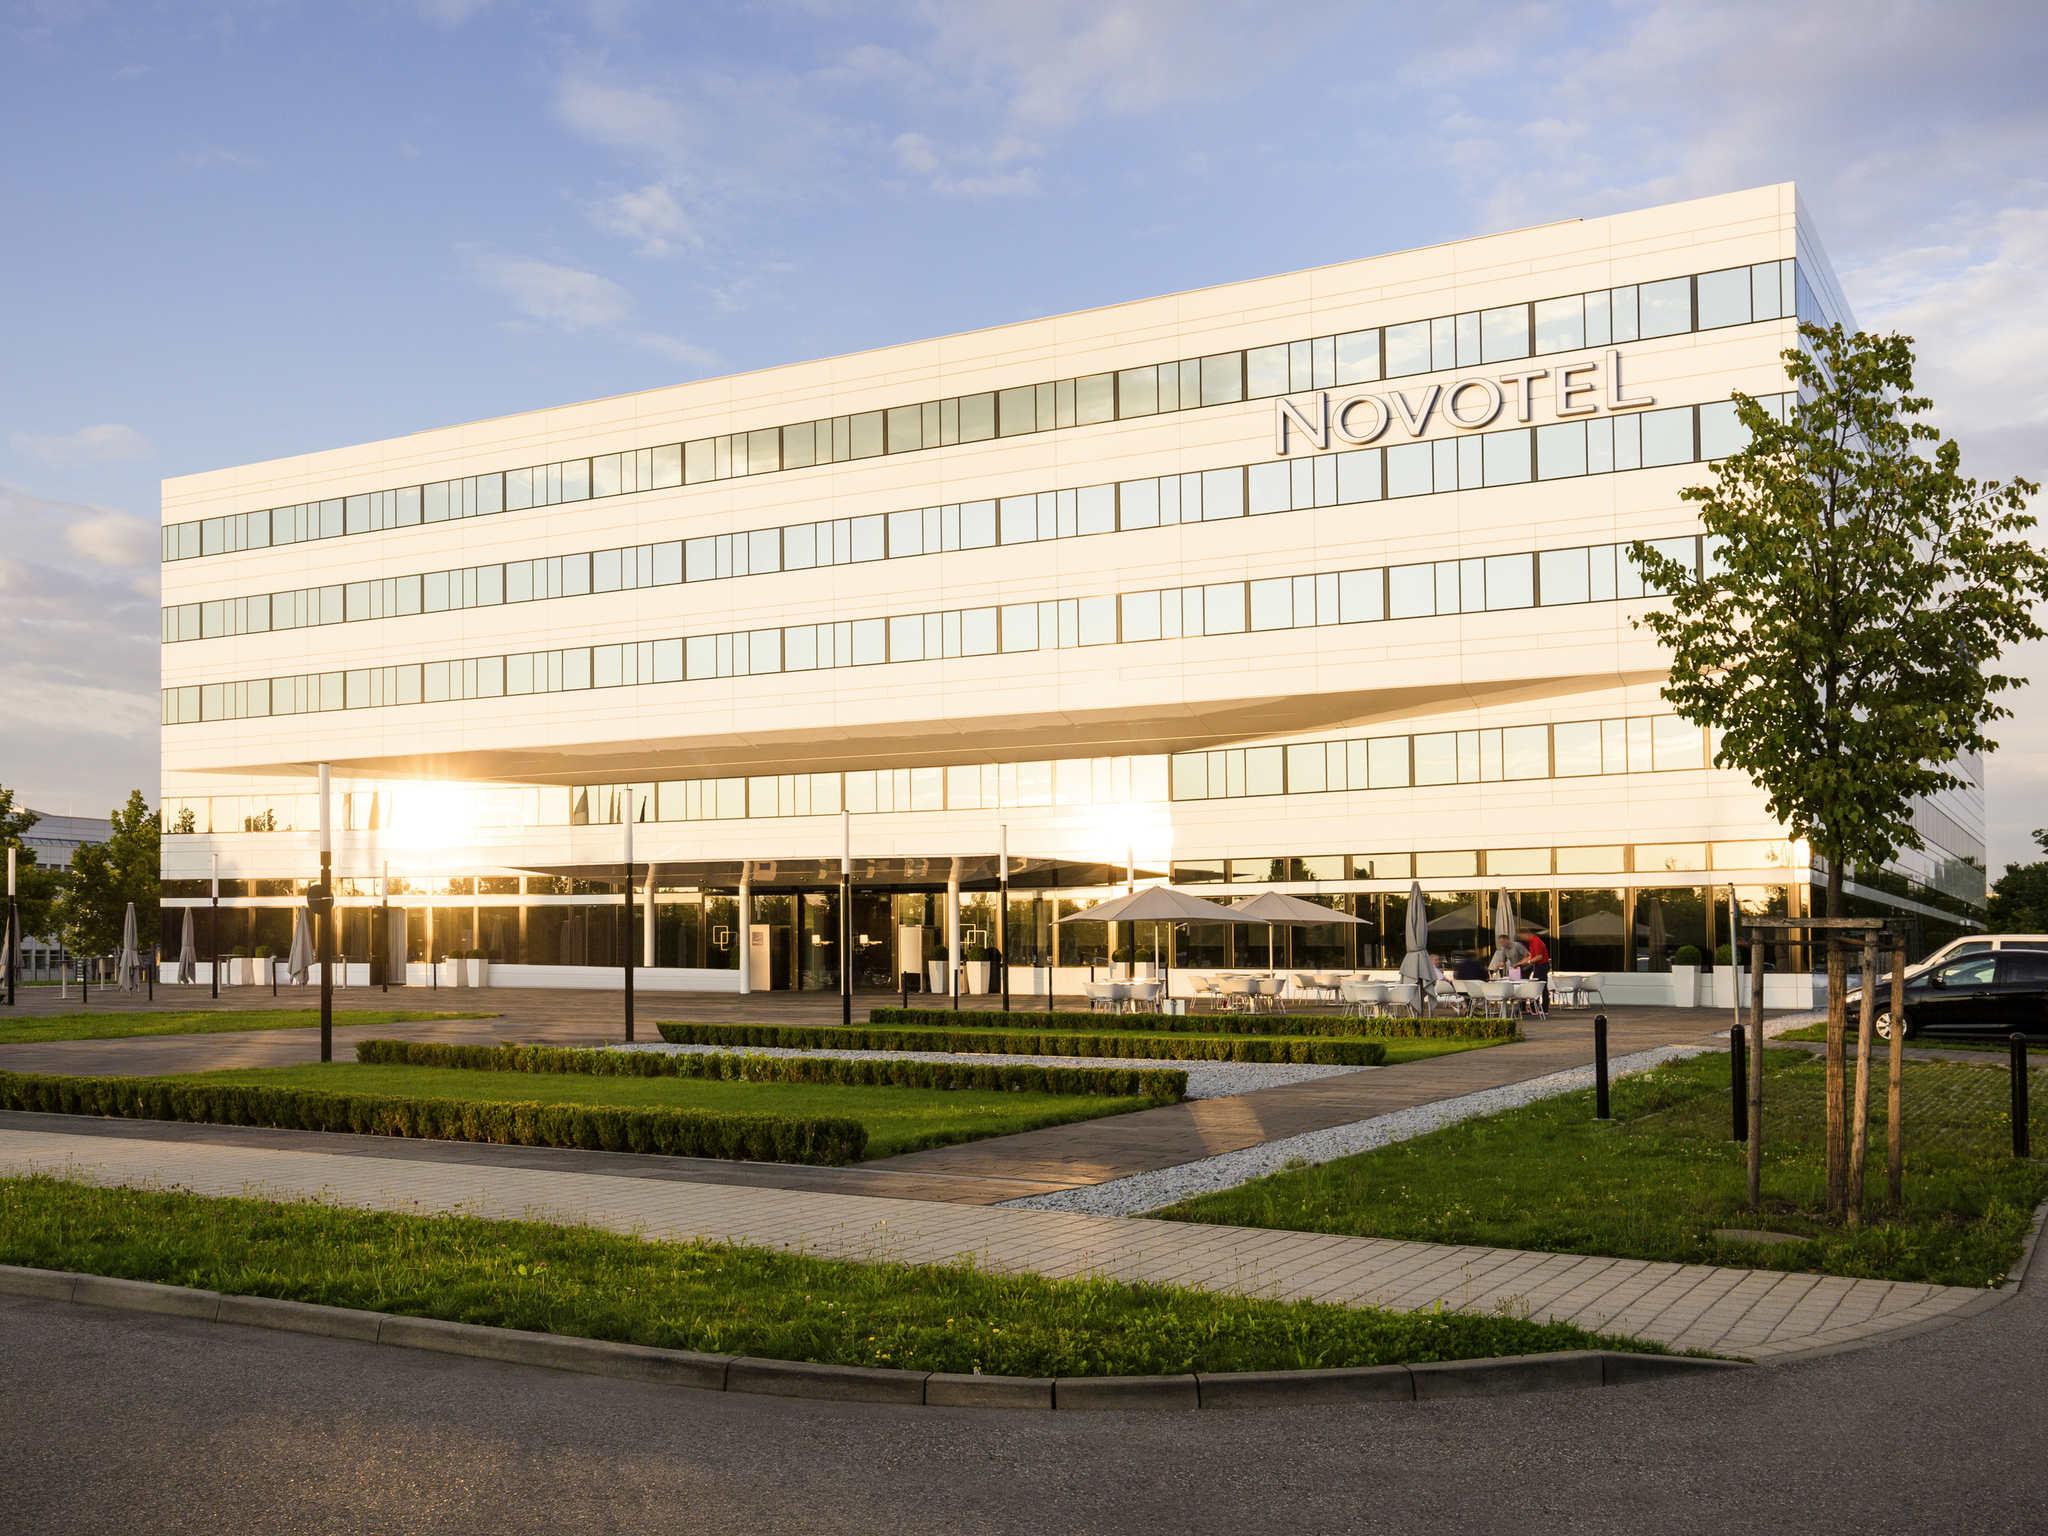 Hôtel - Novotel Aéroport de Munich